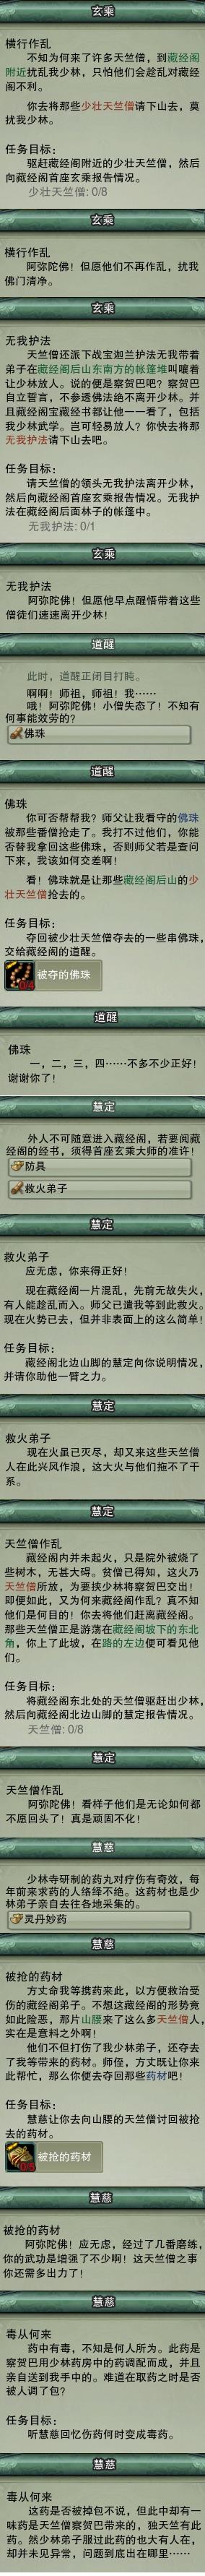 小任务 - 藏经阁相关.jpg